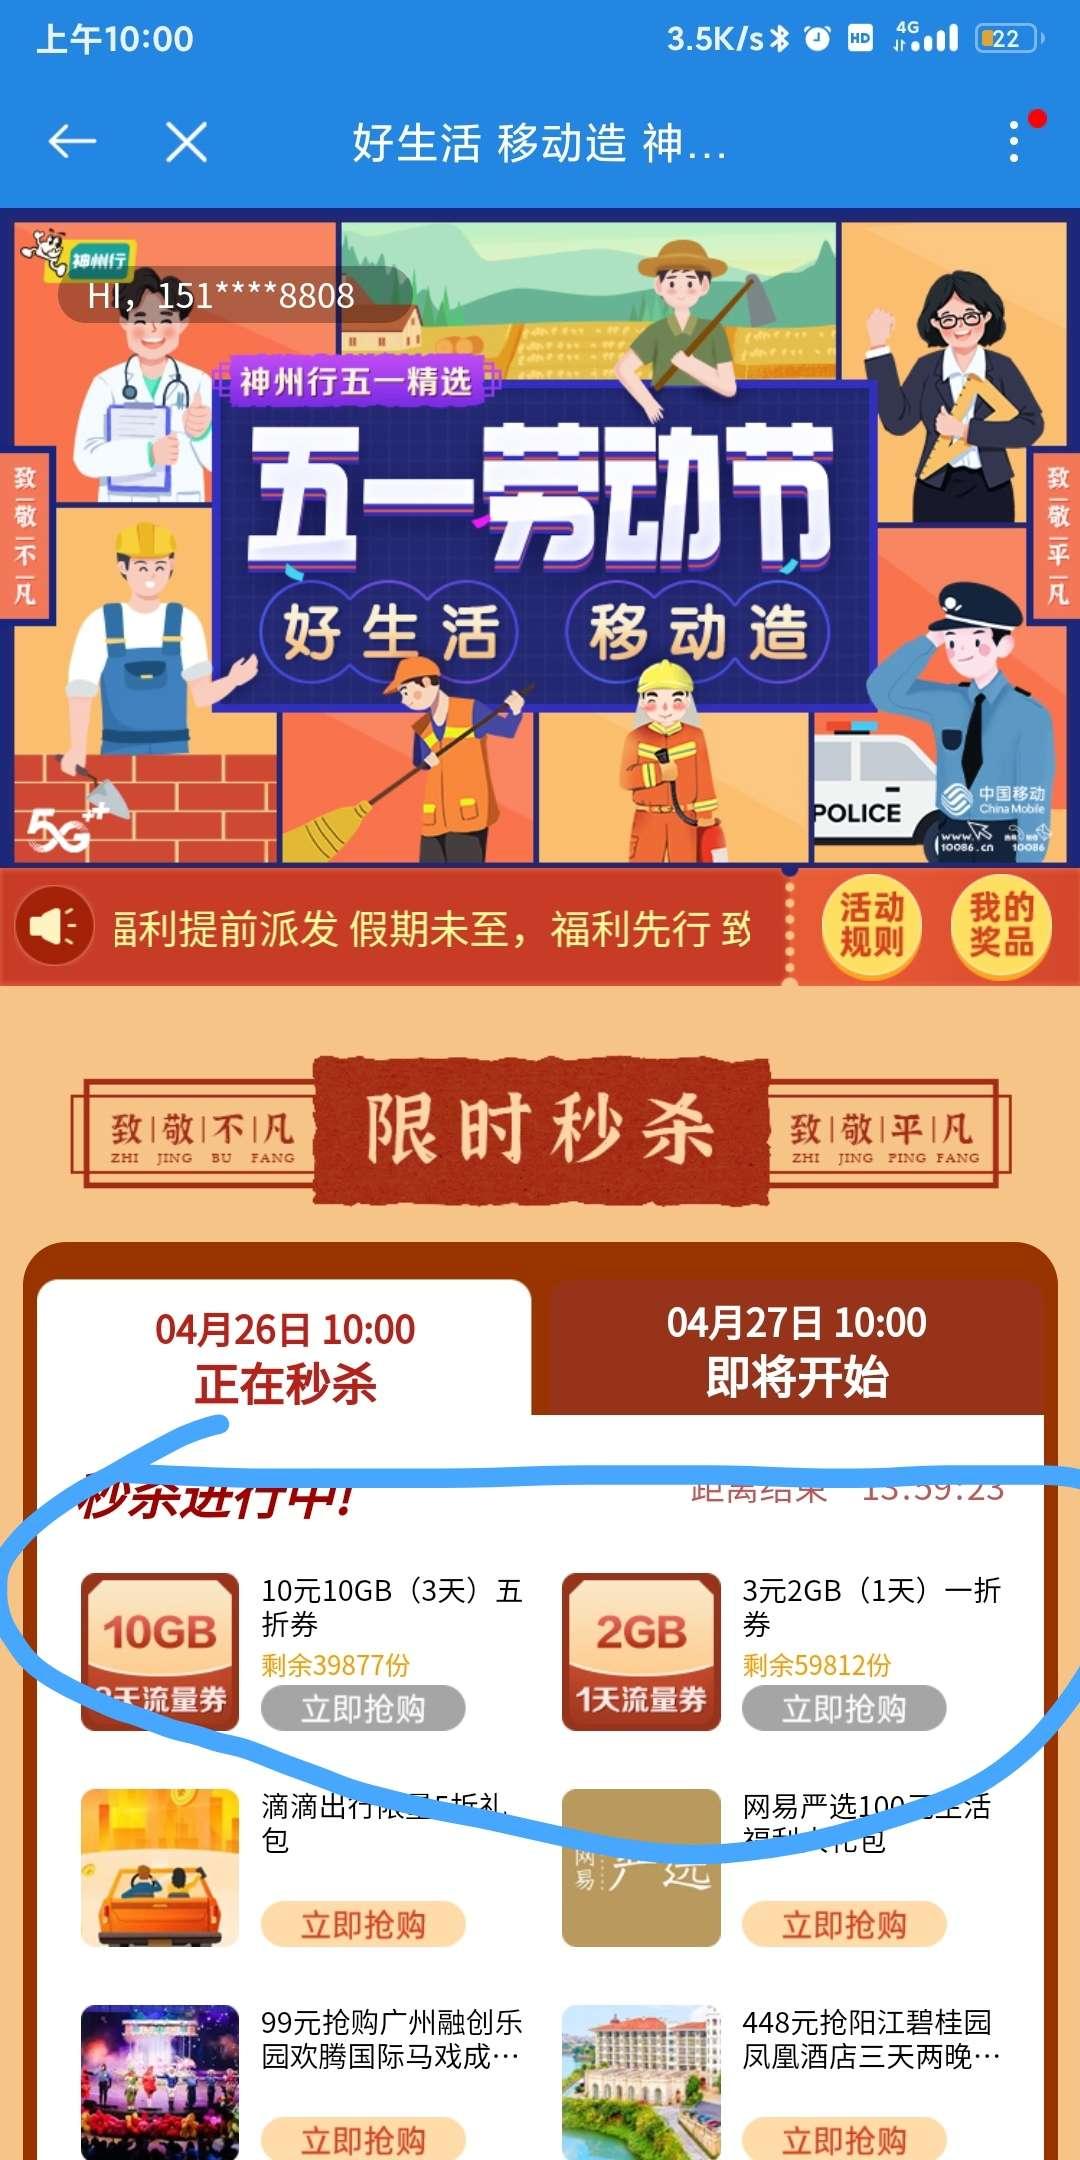 广东移动福利(非白嫖)